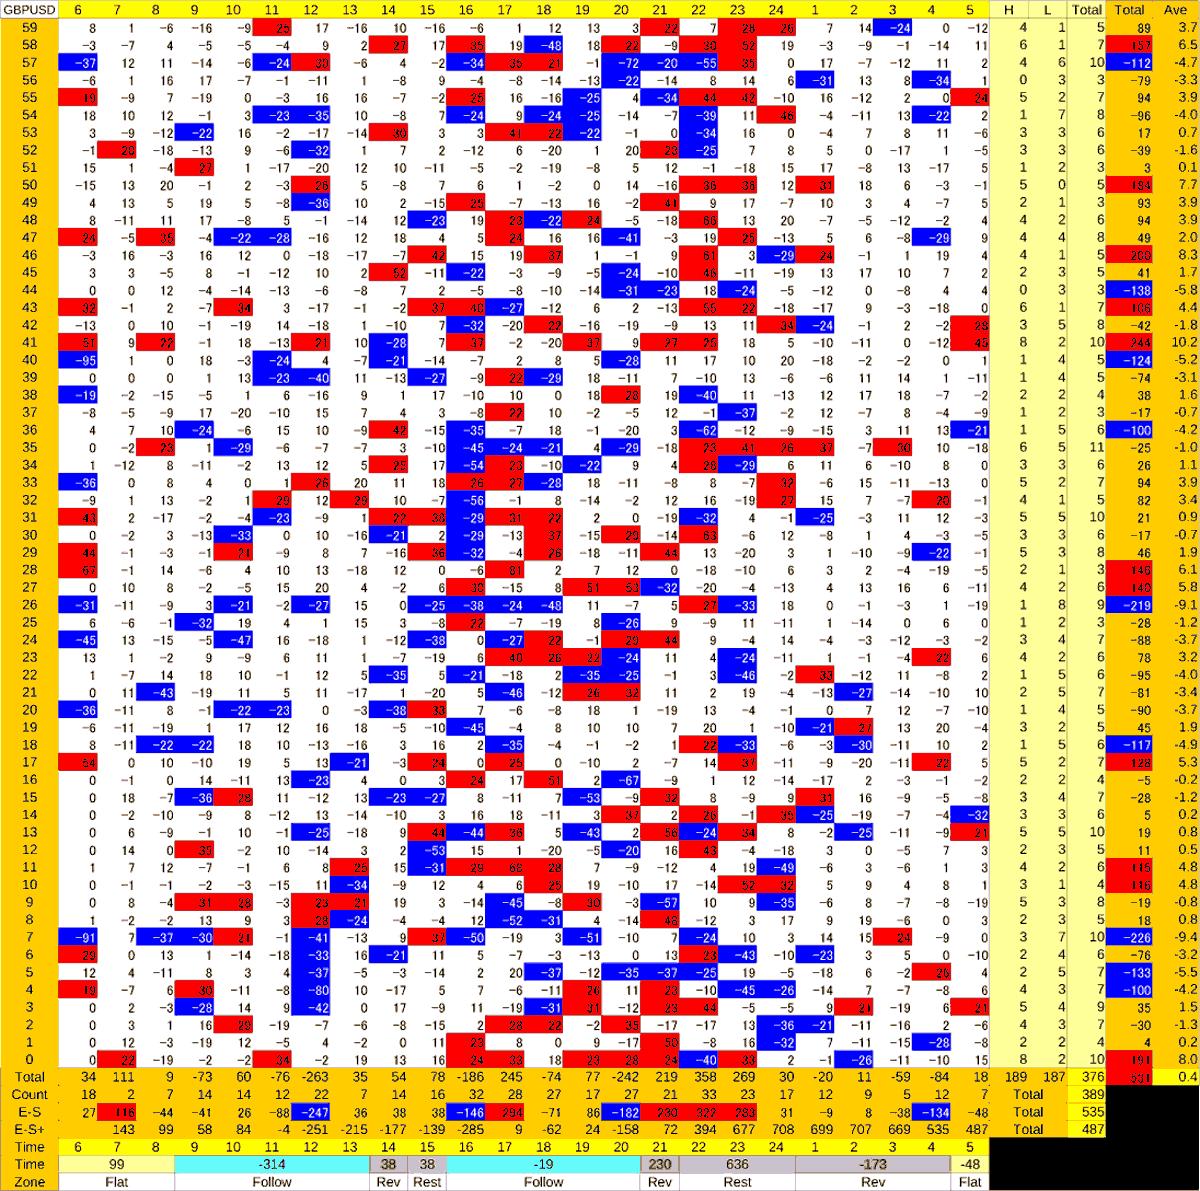 20200728_HS(2)GBPUSD